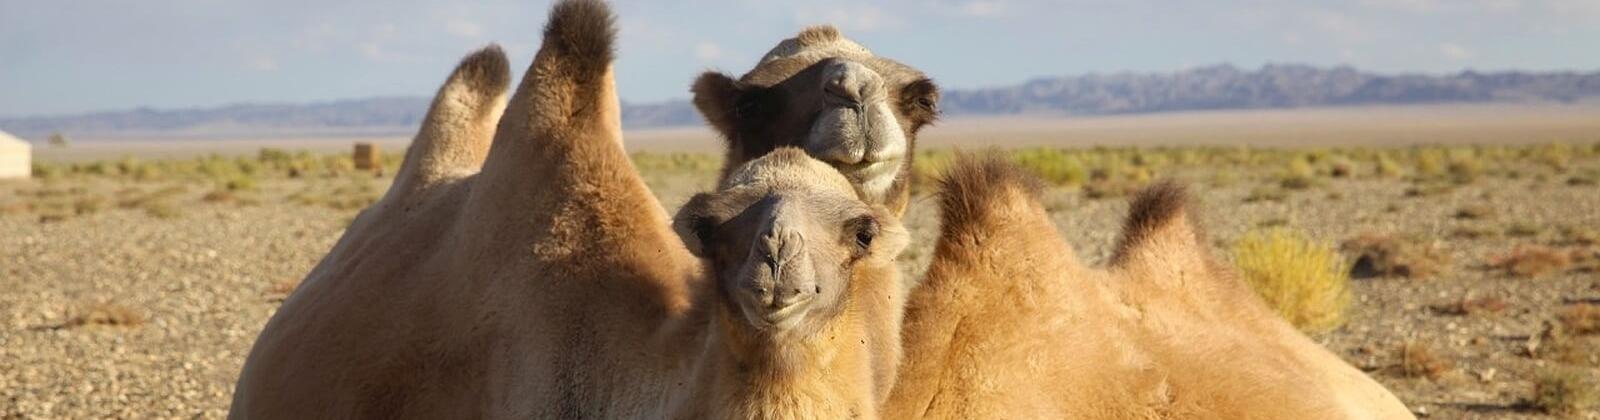 The wild camel (Camelus ferus)